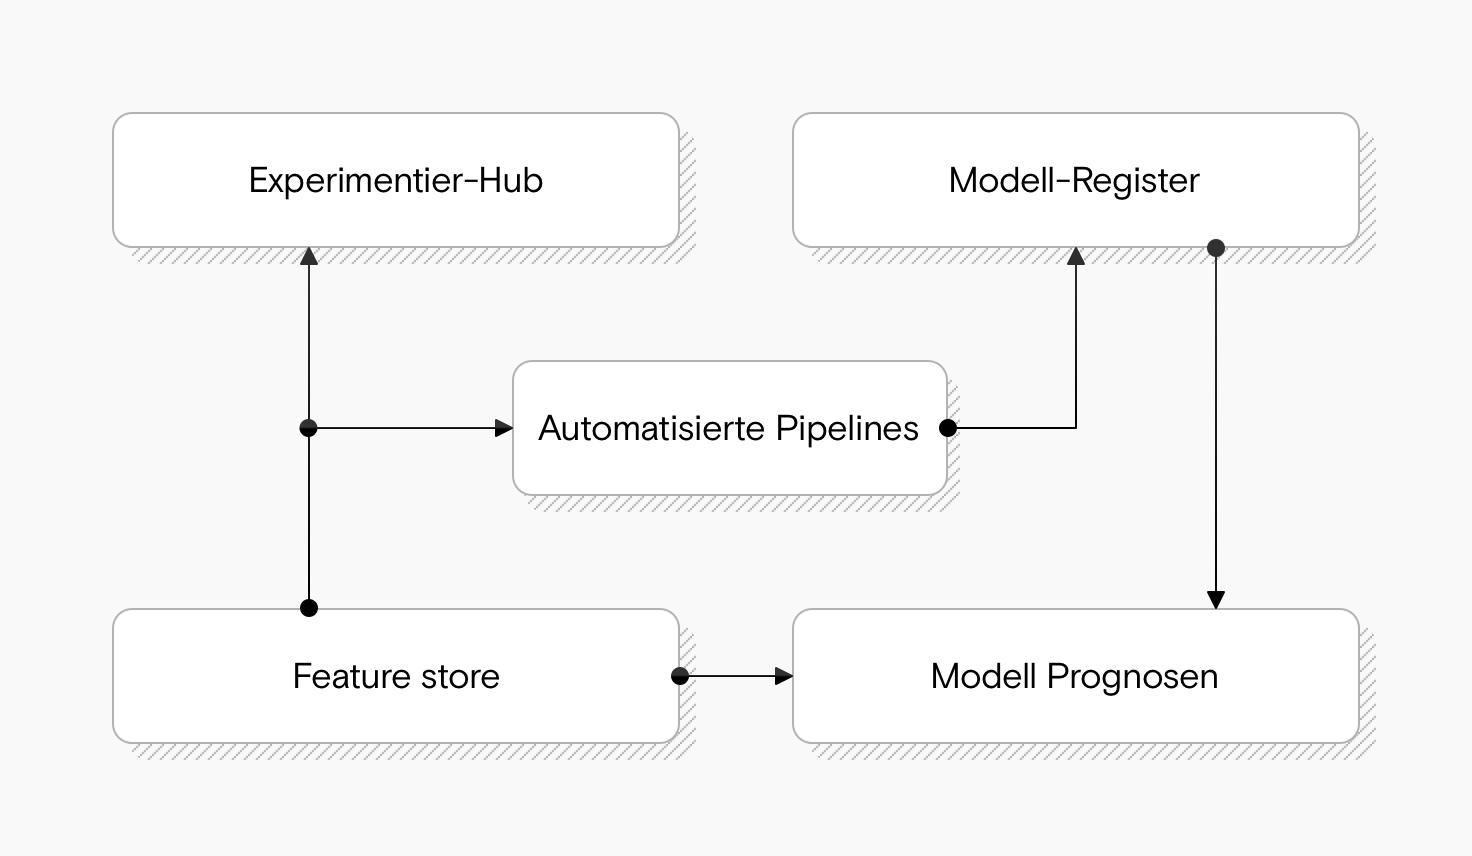 Ein Diagramm, das einen Experimentier-Hub zeigt, der mit einem Feature Store und automatisierten Pipelines verbunden ist. Die Pipelines sind auch mit einem Modellregister verbunden. Der Feature Store ist auch mit einer Modellprognosekomponente verbunden.